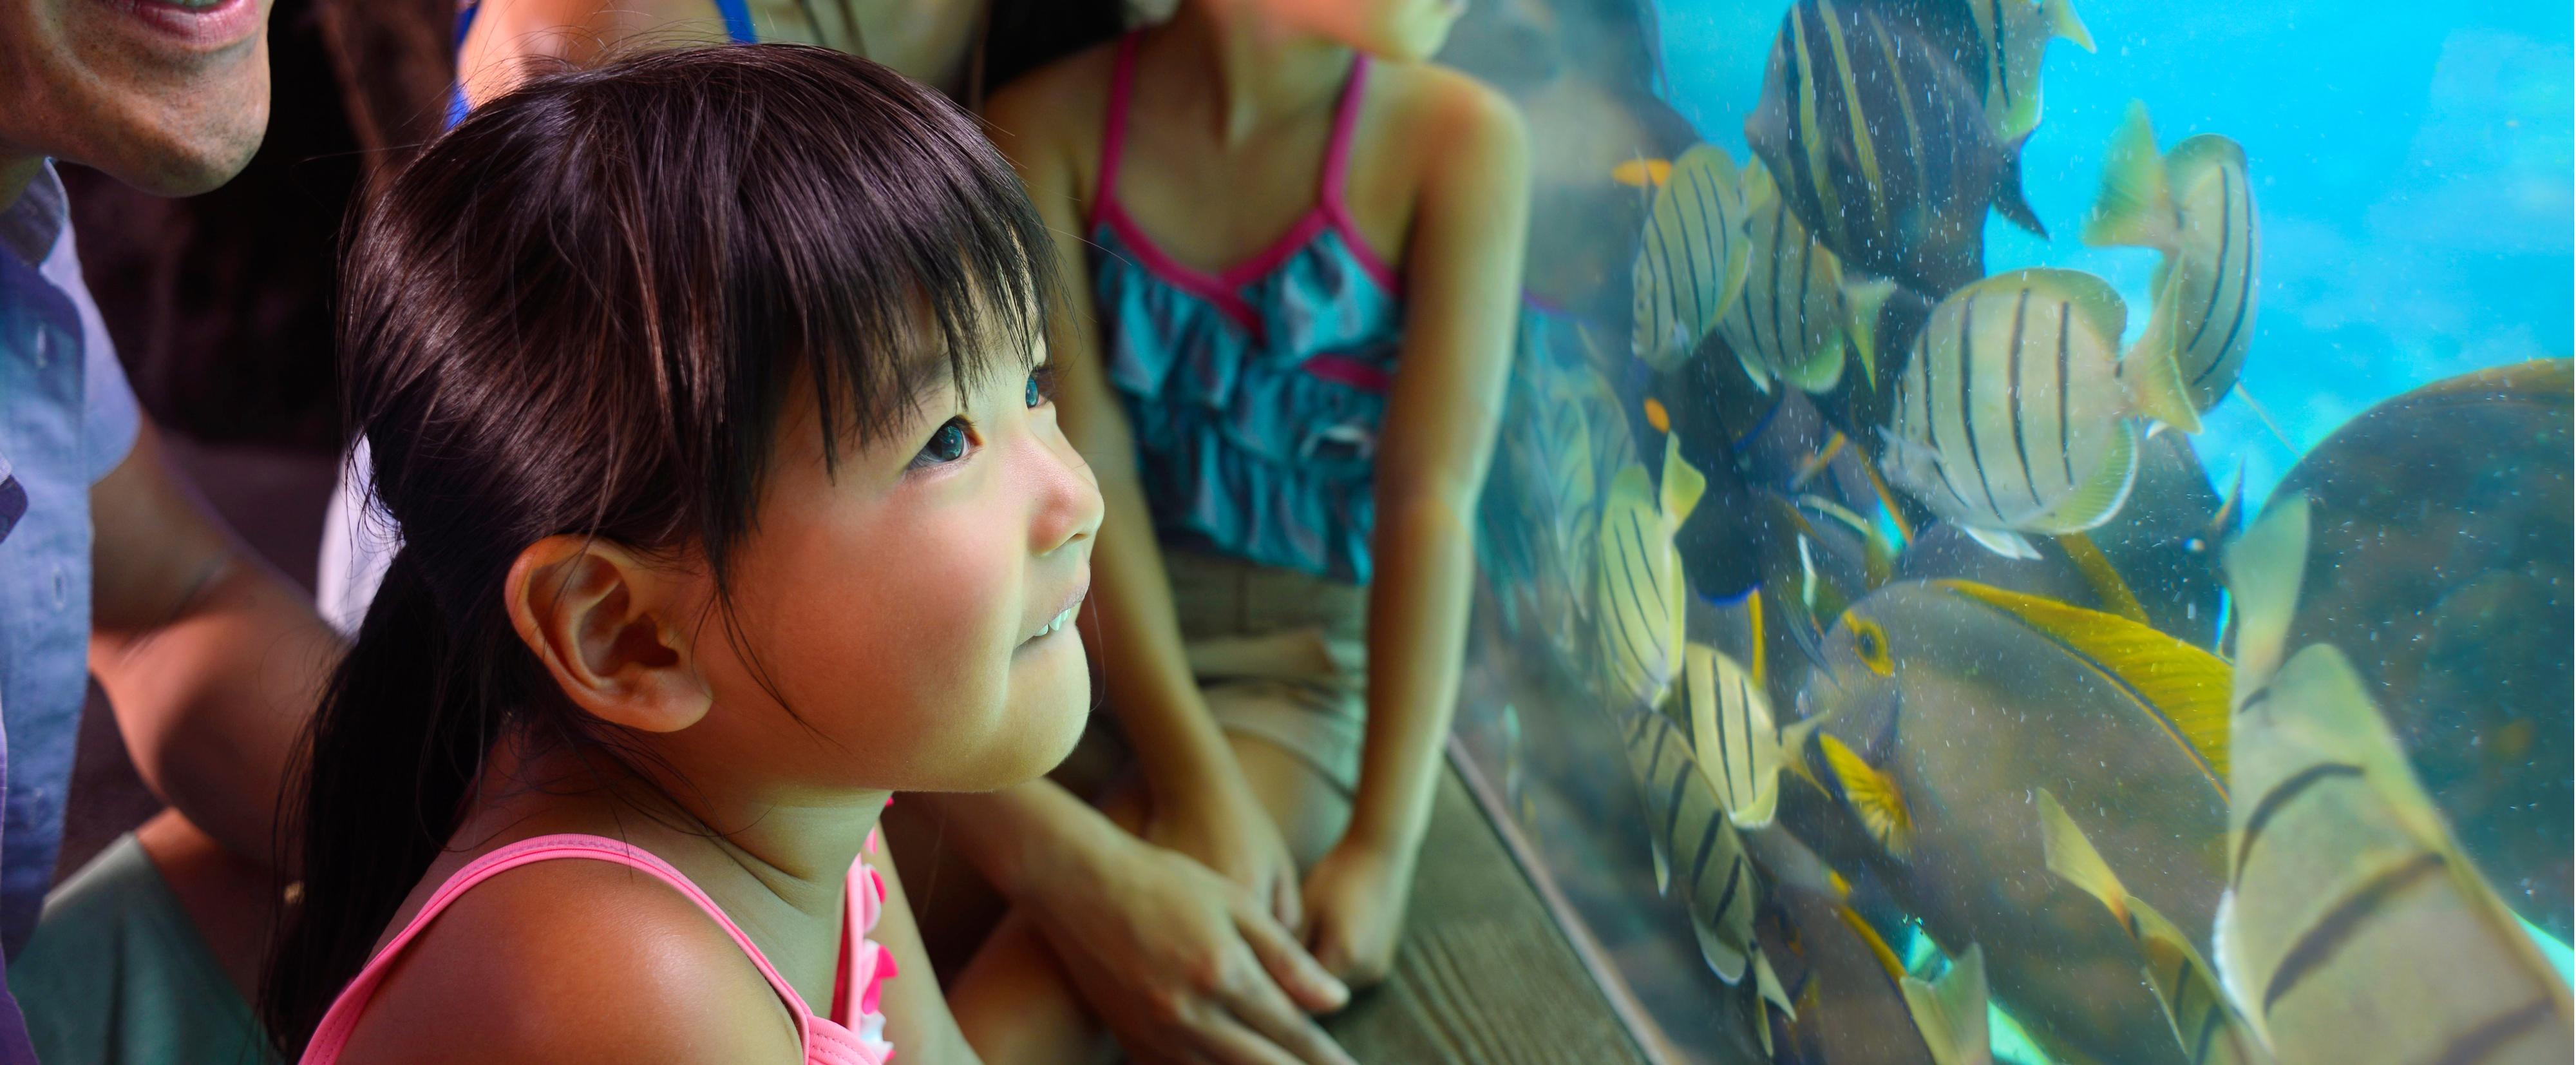 水族館でガラス越しに熱帯魚を夢中で見つめる少女